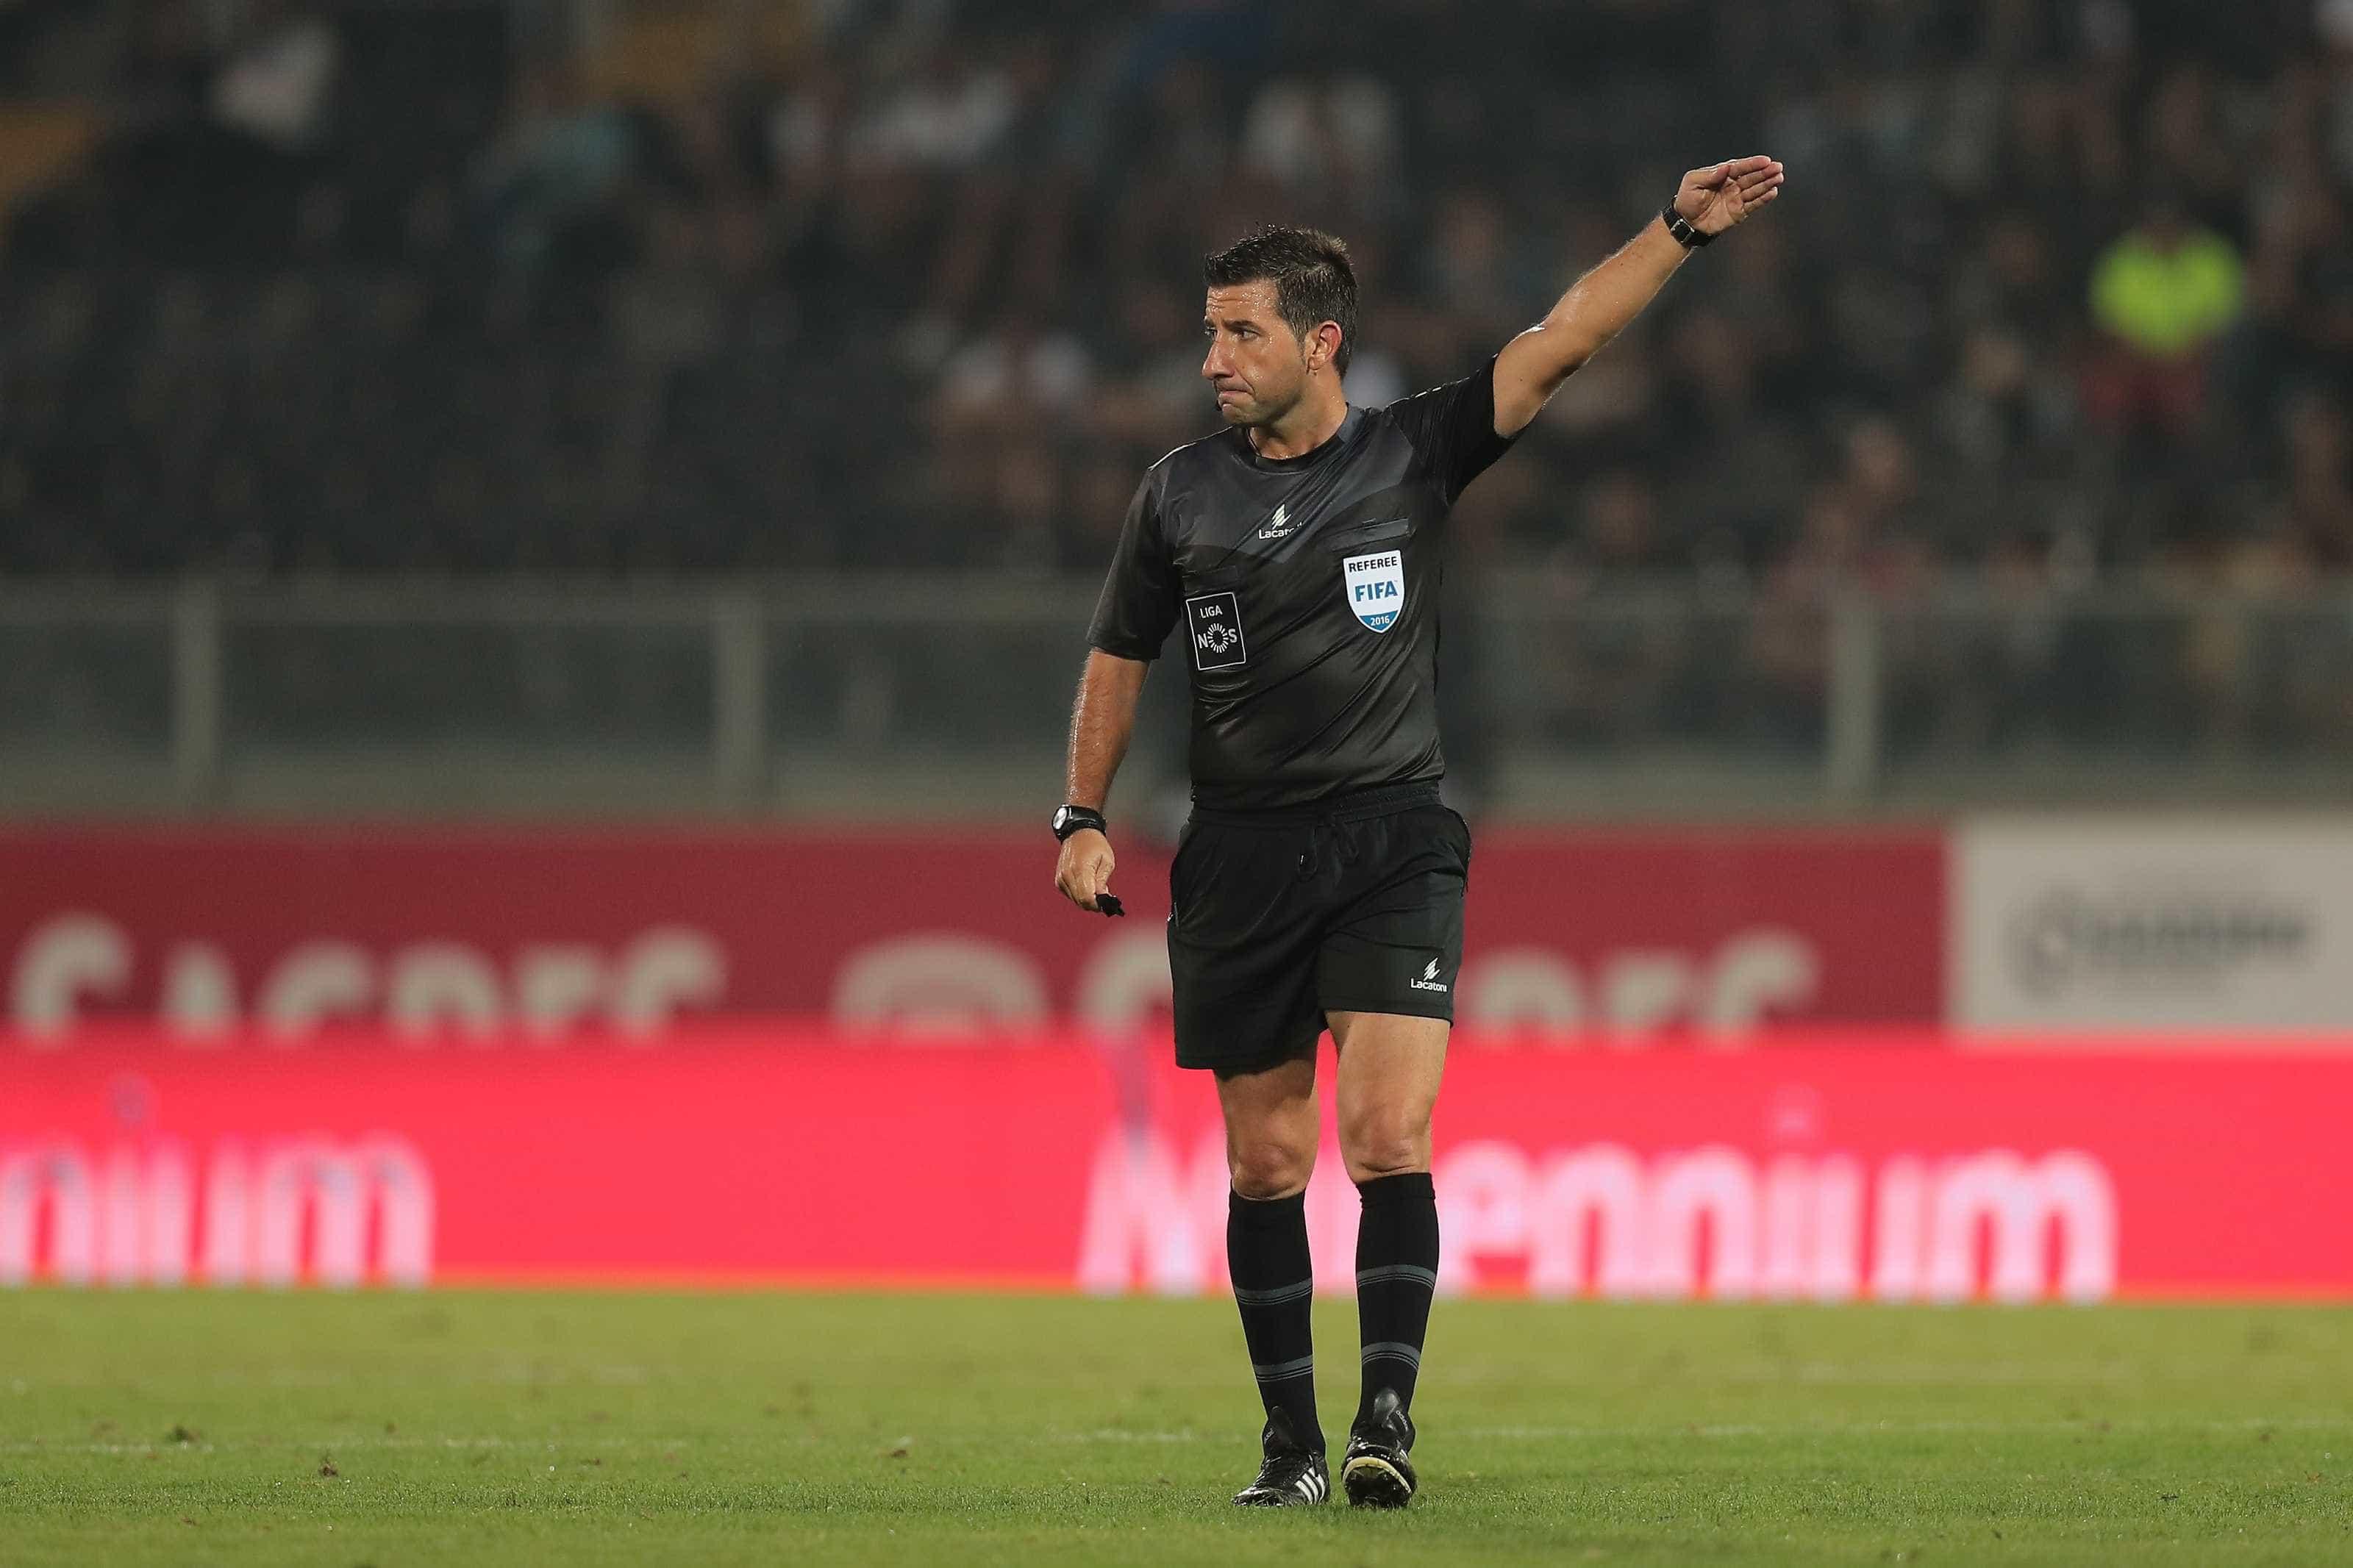 Taça de Portugal: Já é conhecido o árbitro para o dérbi